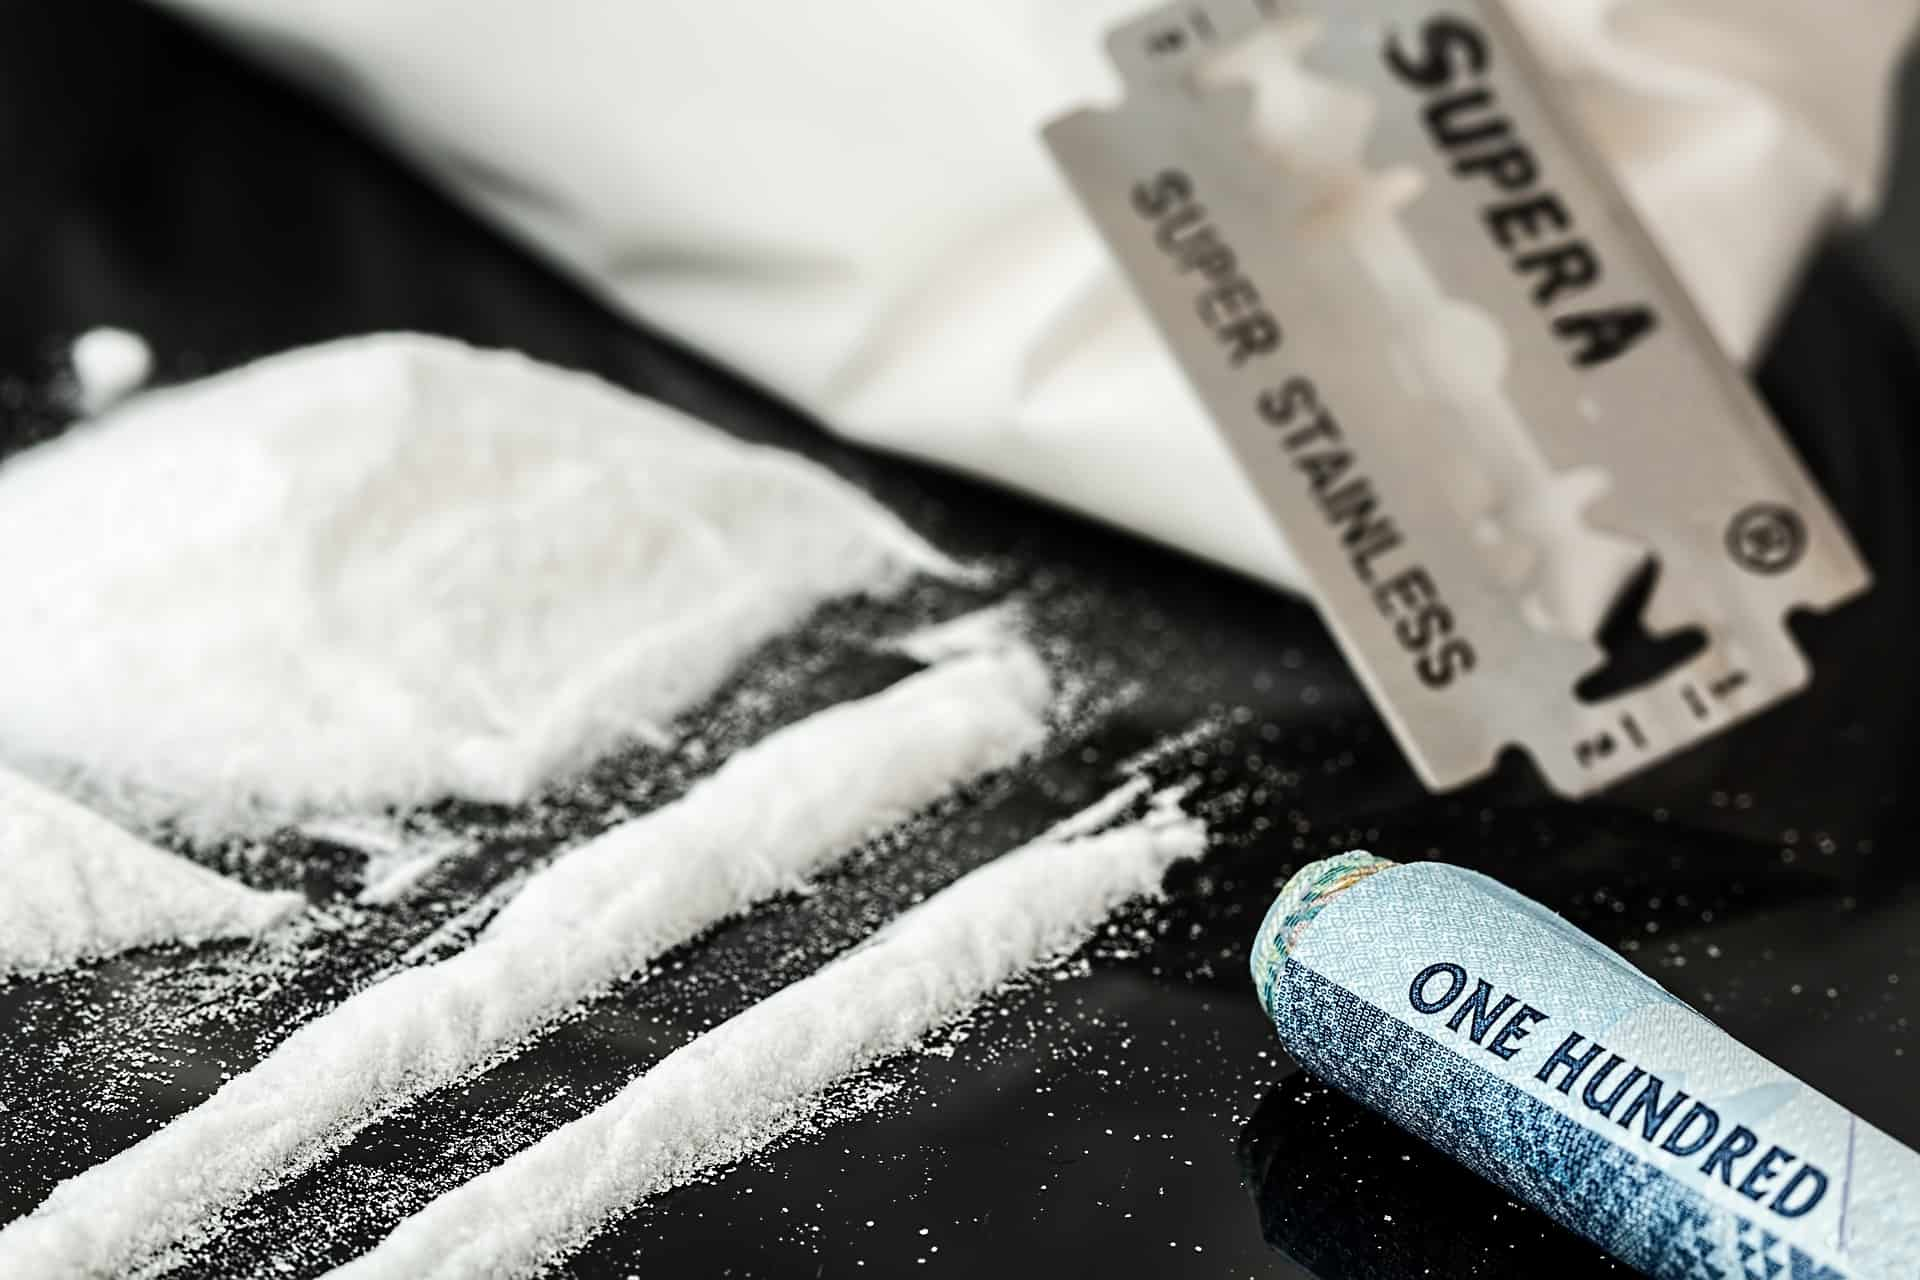 2019-10-16-Drugsgebruik in Nederland: dit zijn de trends